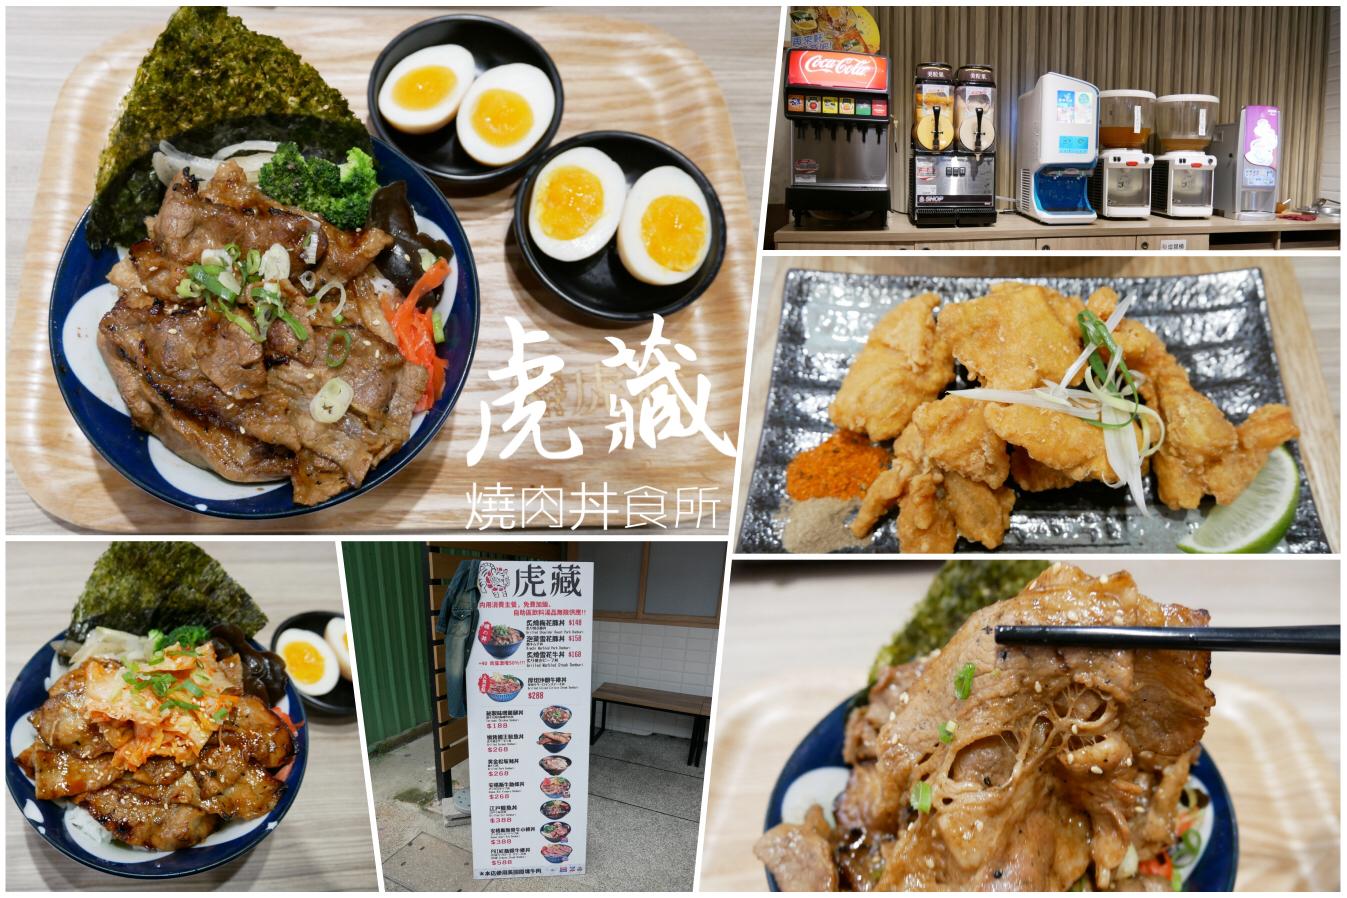 [桃園美食]虎藏燒肉丼食所.南平店|藝文特區附近美食~平價消費.白飯、飲料、湯品免費吃到飽